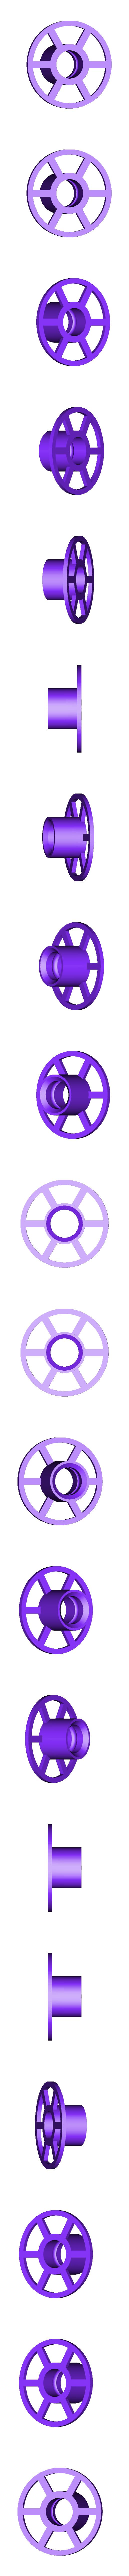 Hub.stl Download free STL file Filament Spool Cufflinks • 3D printable object, Stot